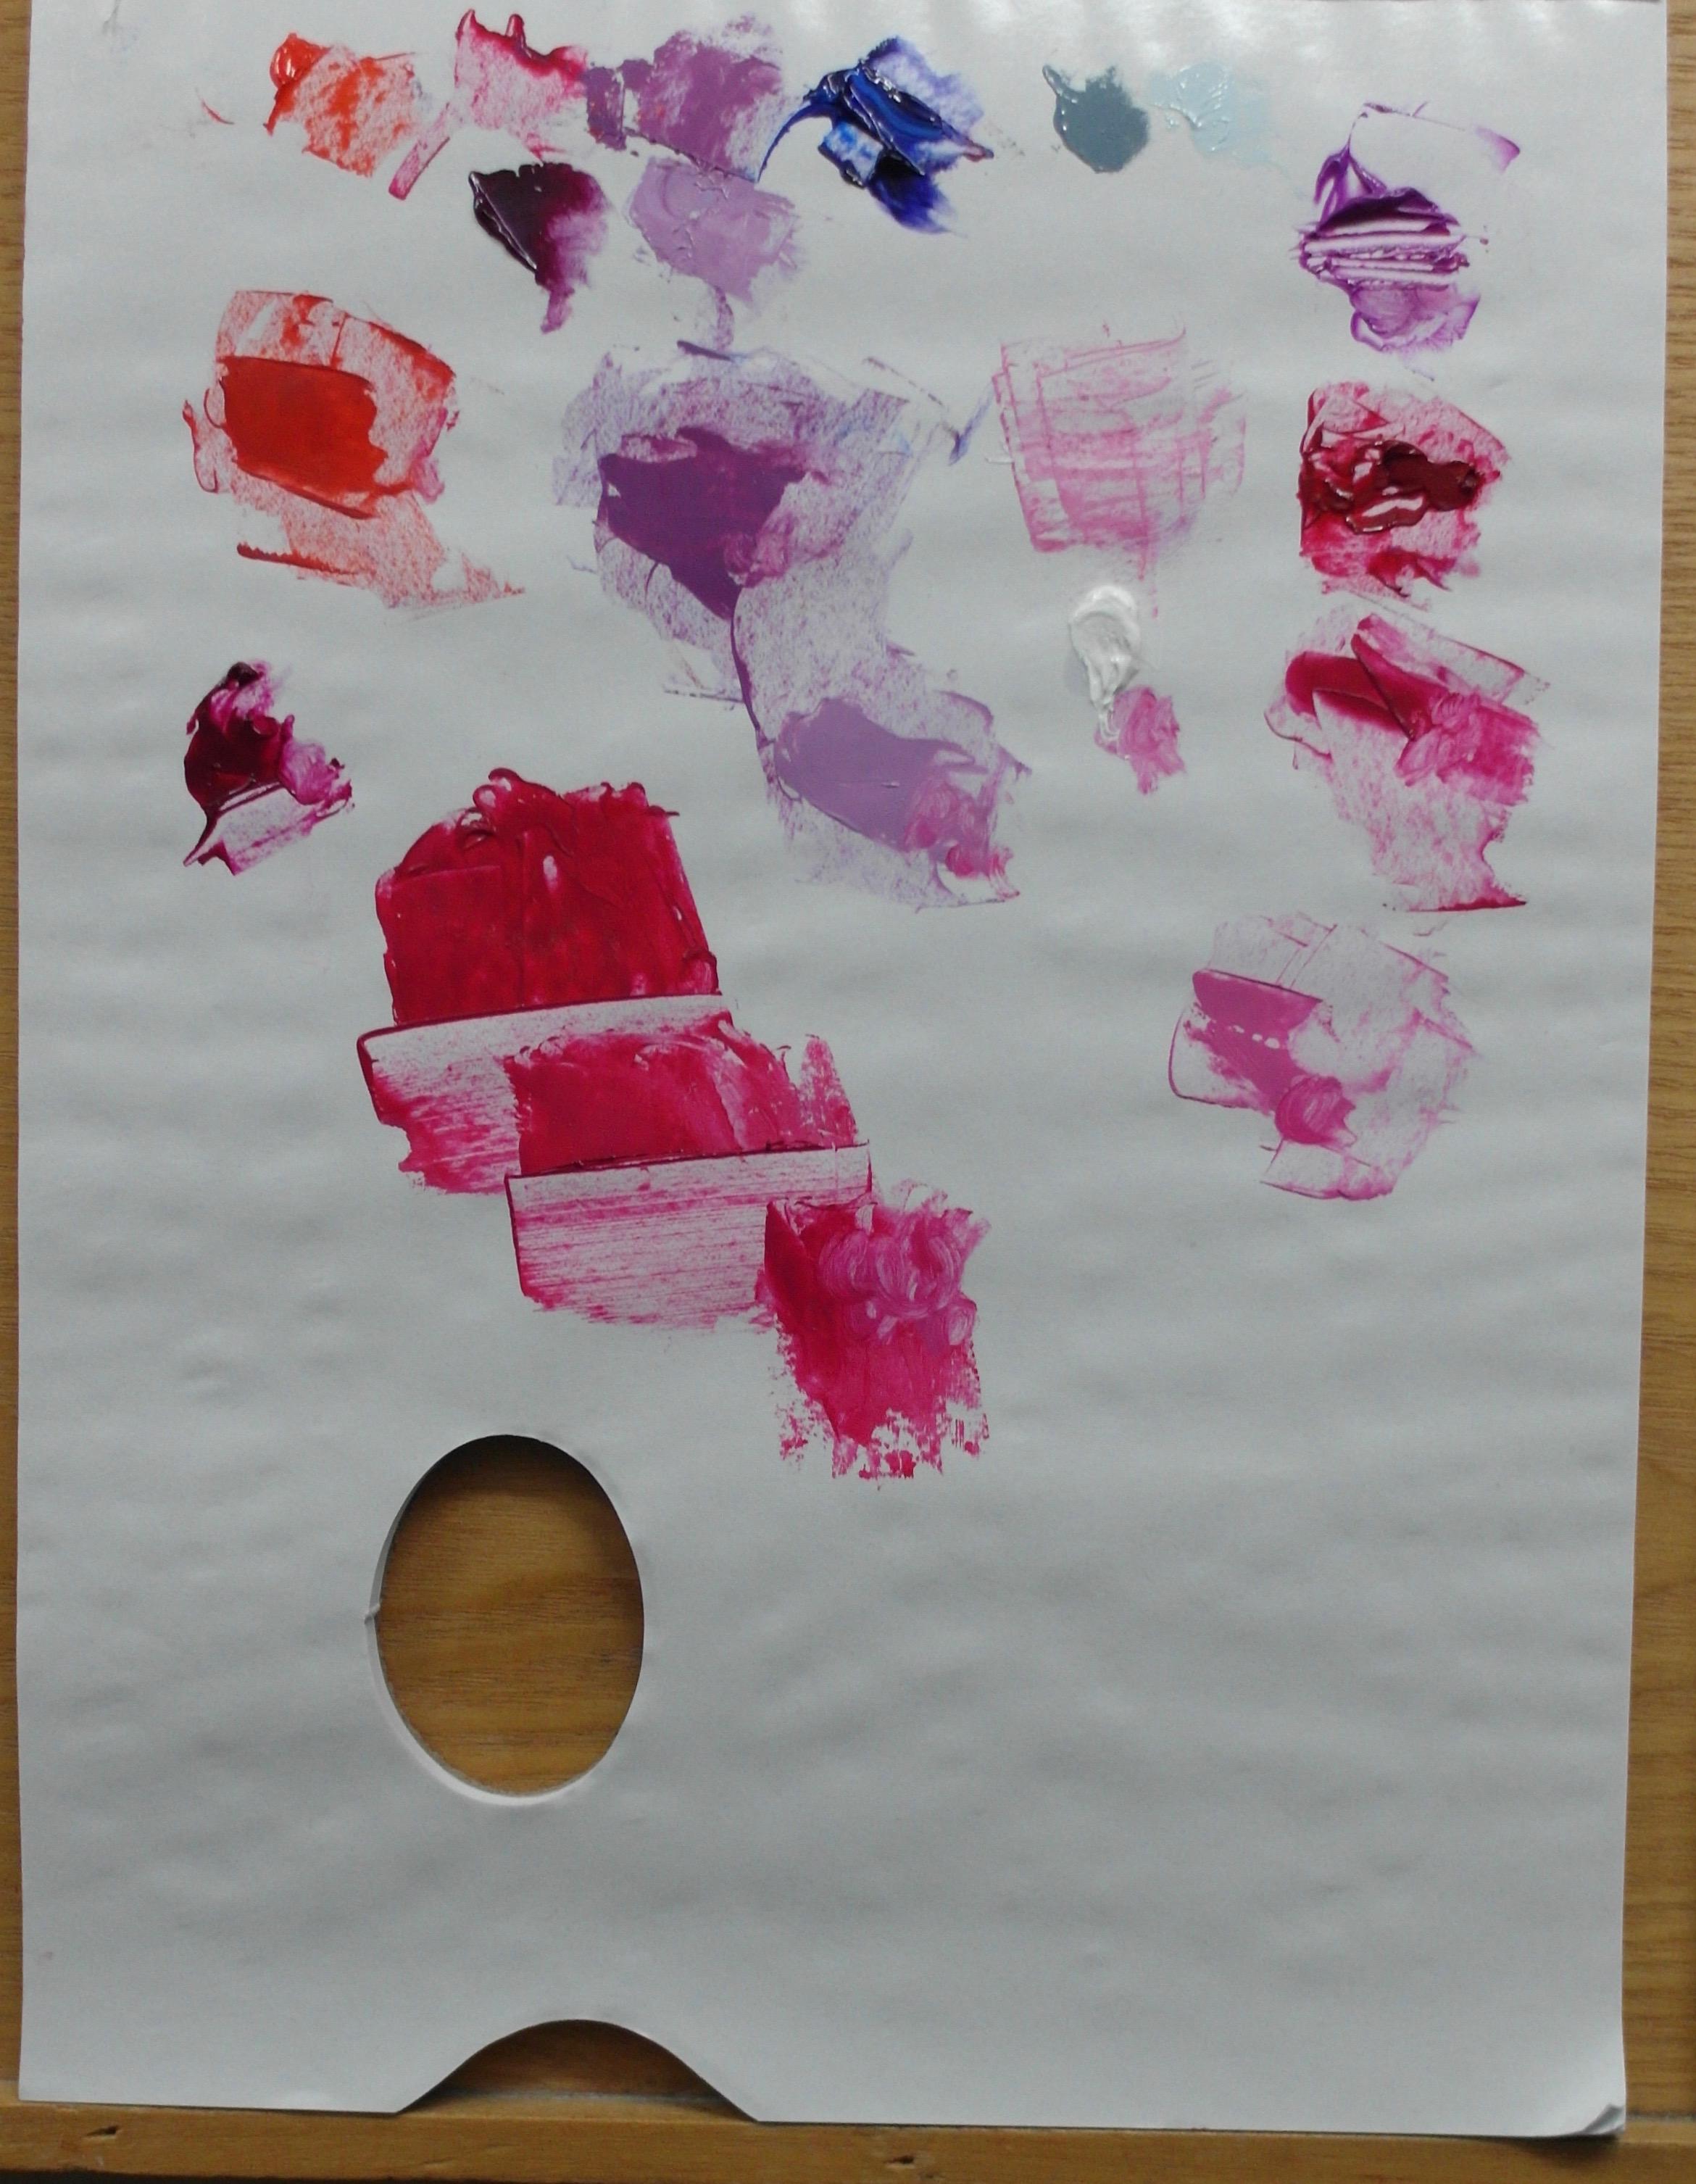 Kleuren palet voor recent schilderij